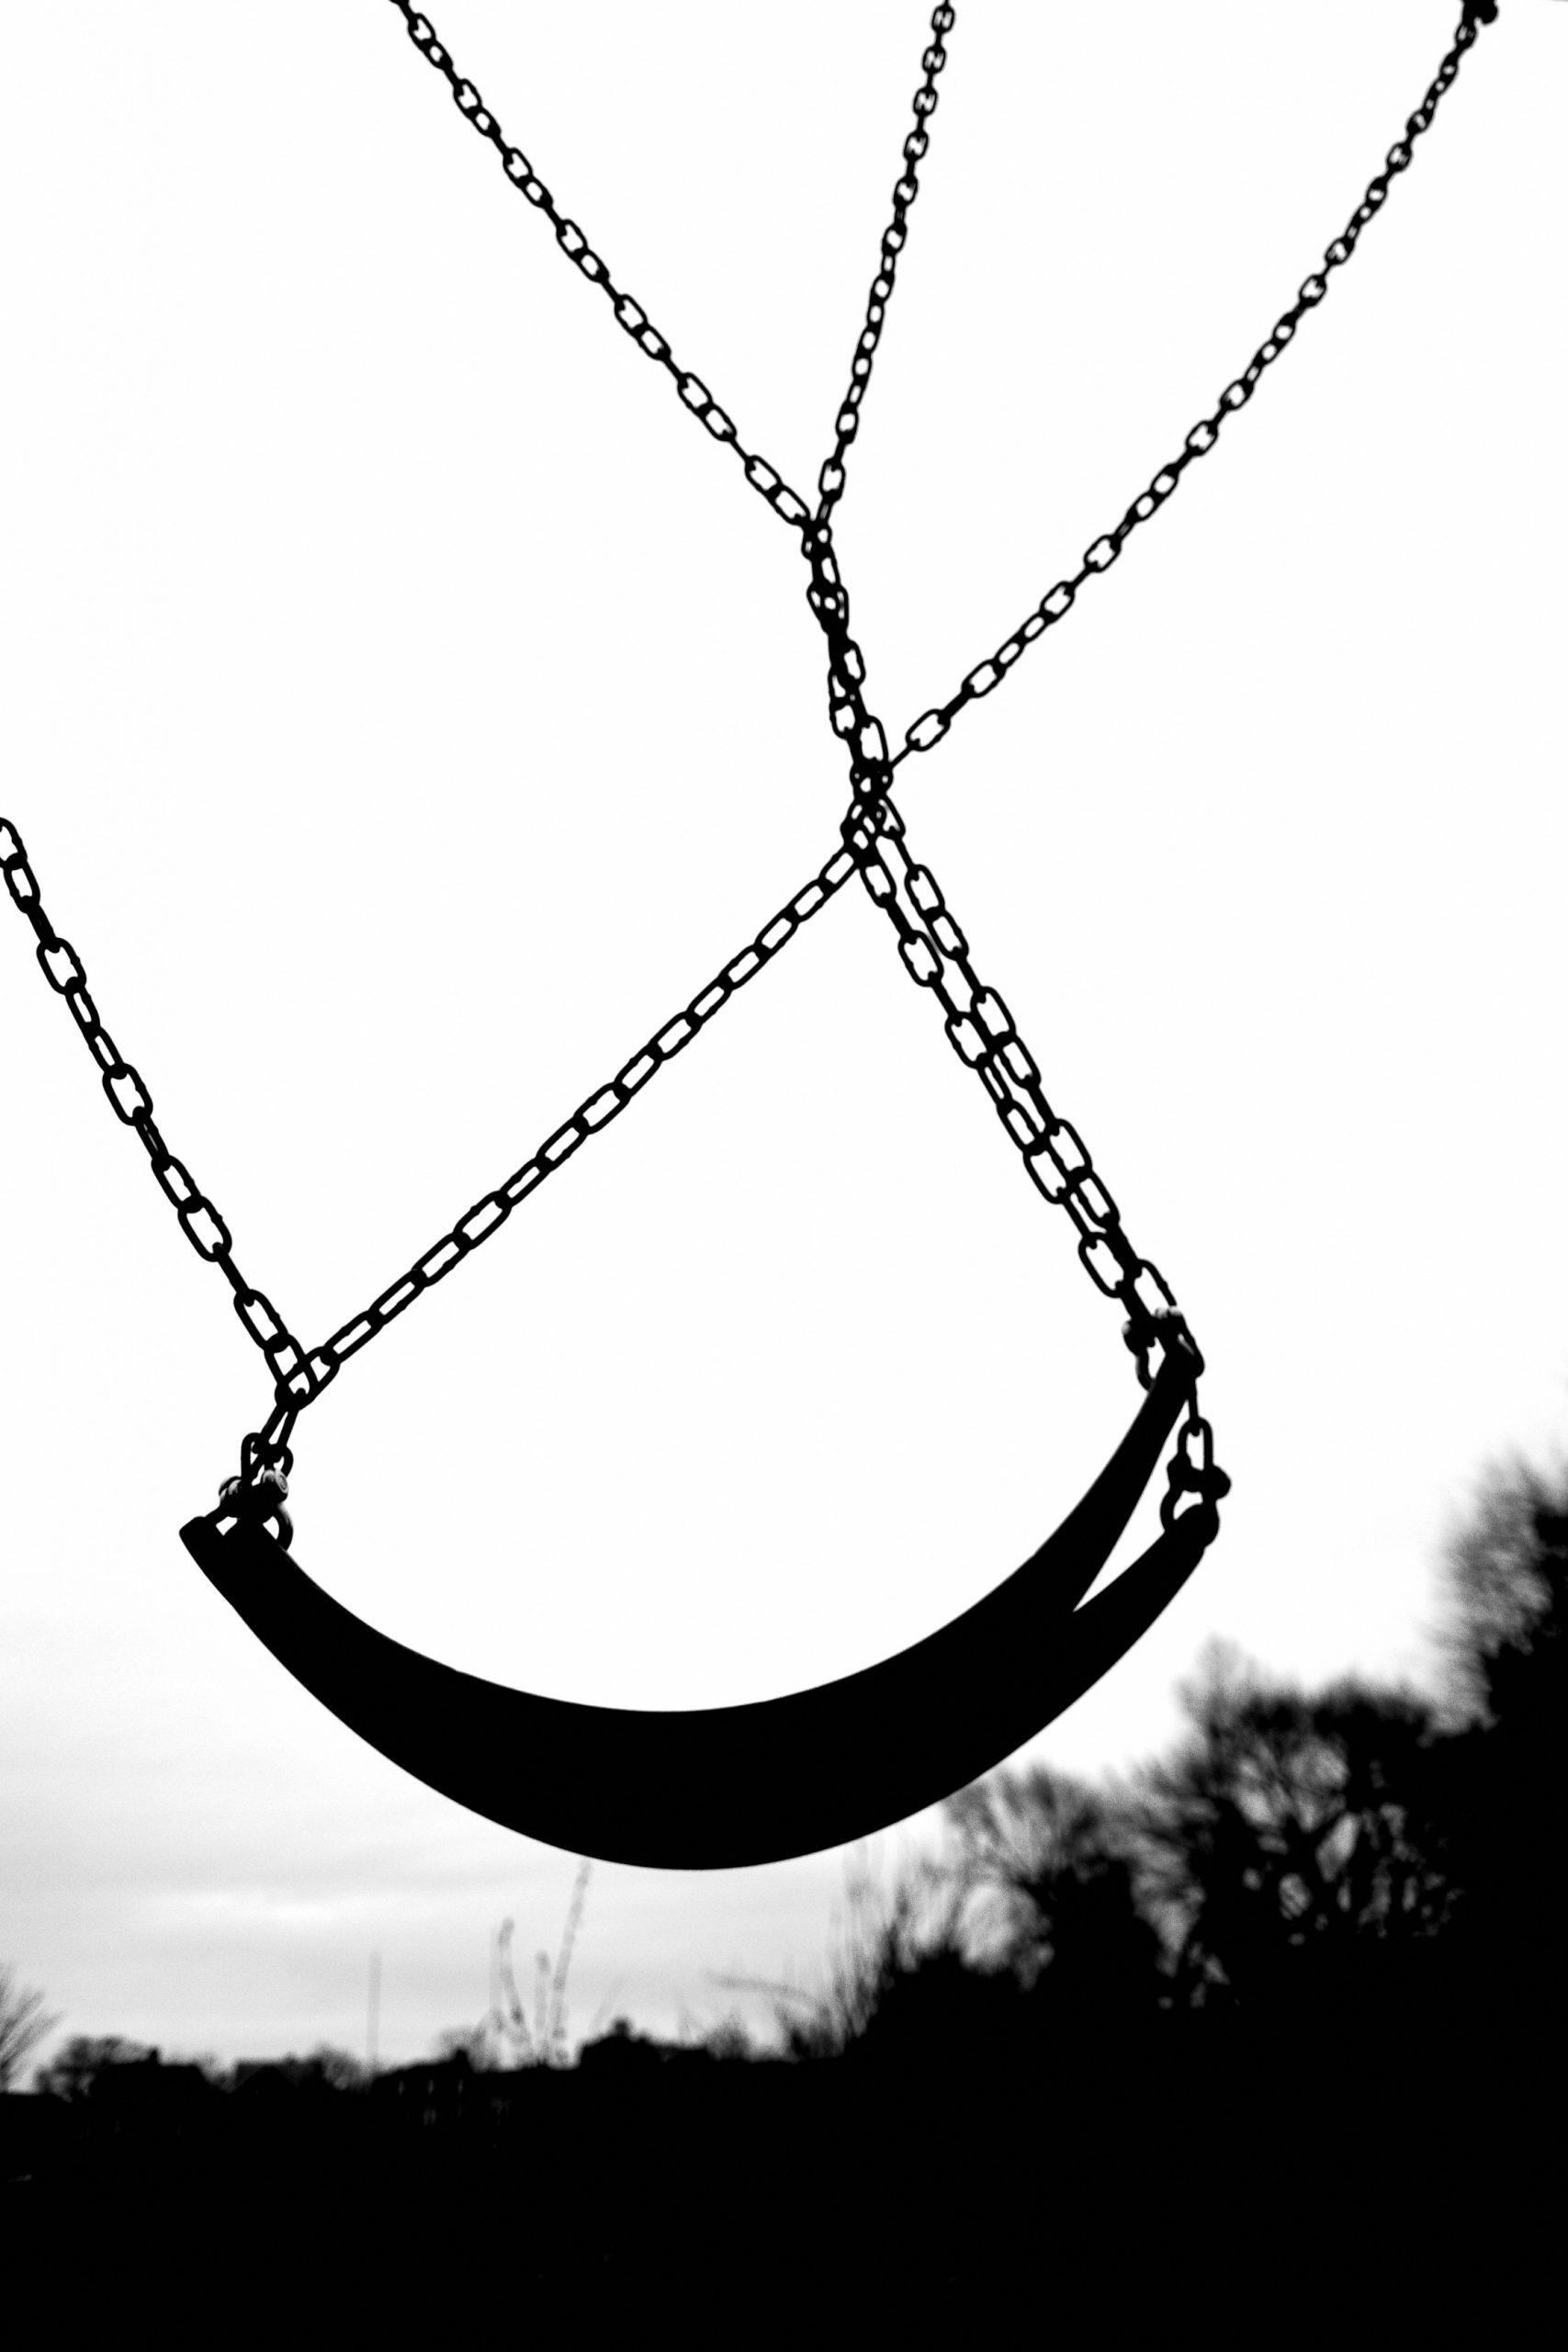 Swing cross